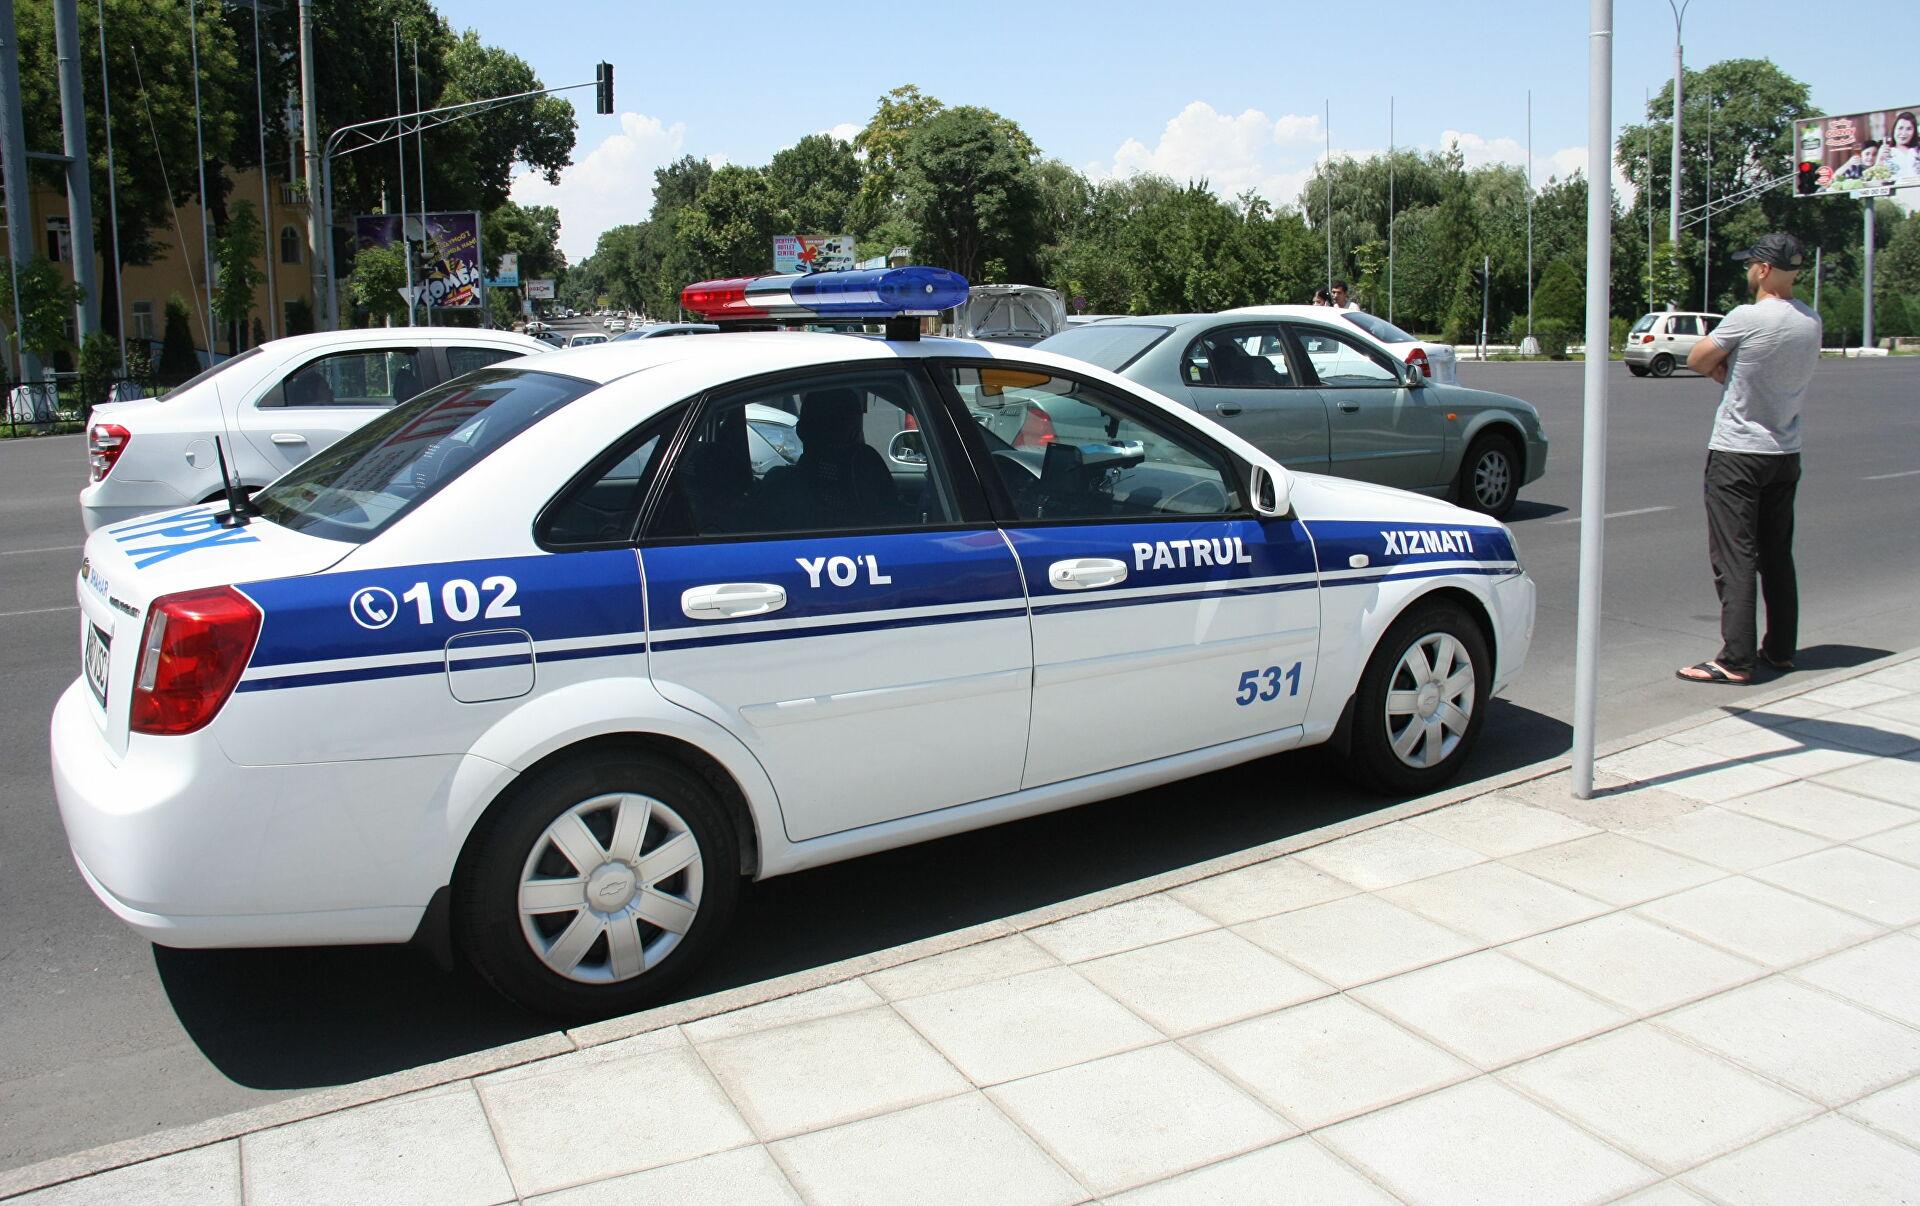 Узбекистанцам напомнили об ответственности за несанкционированные автопробеги